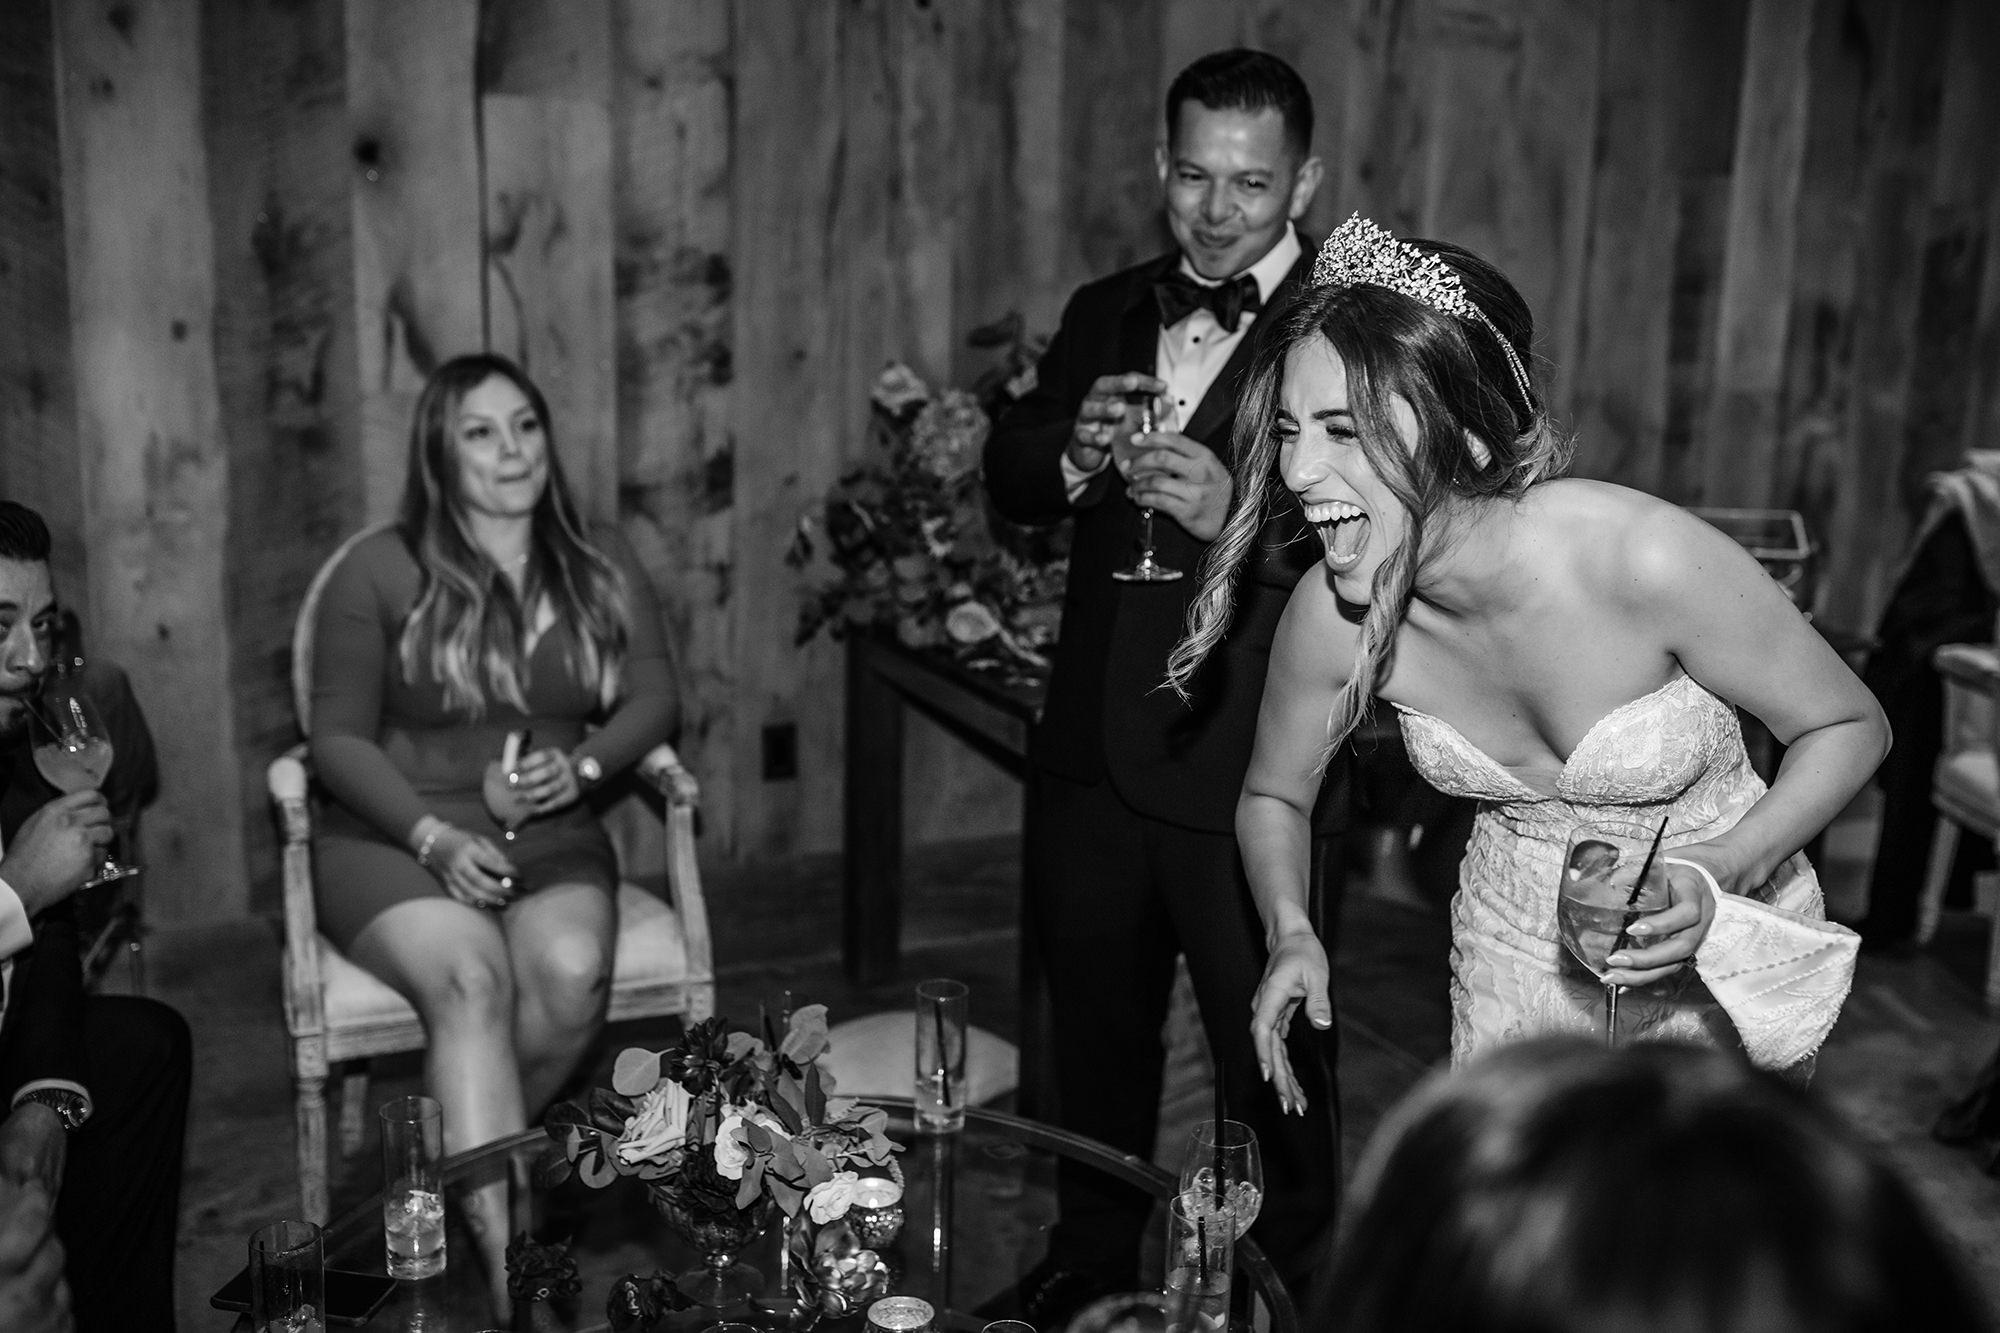 Bride having fun at wedding reception.